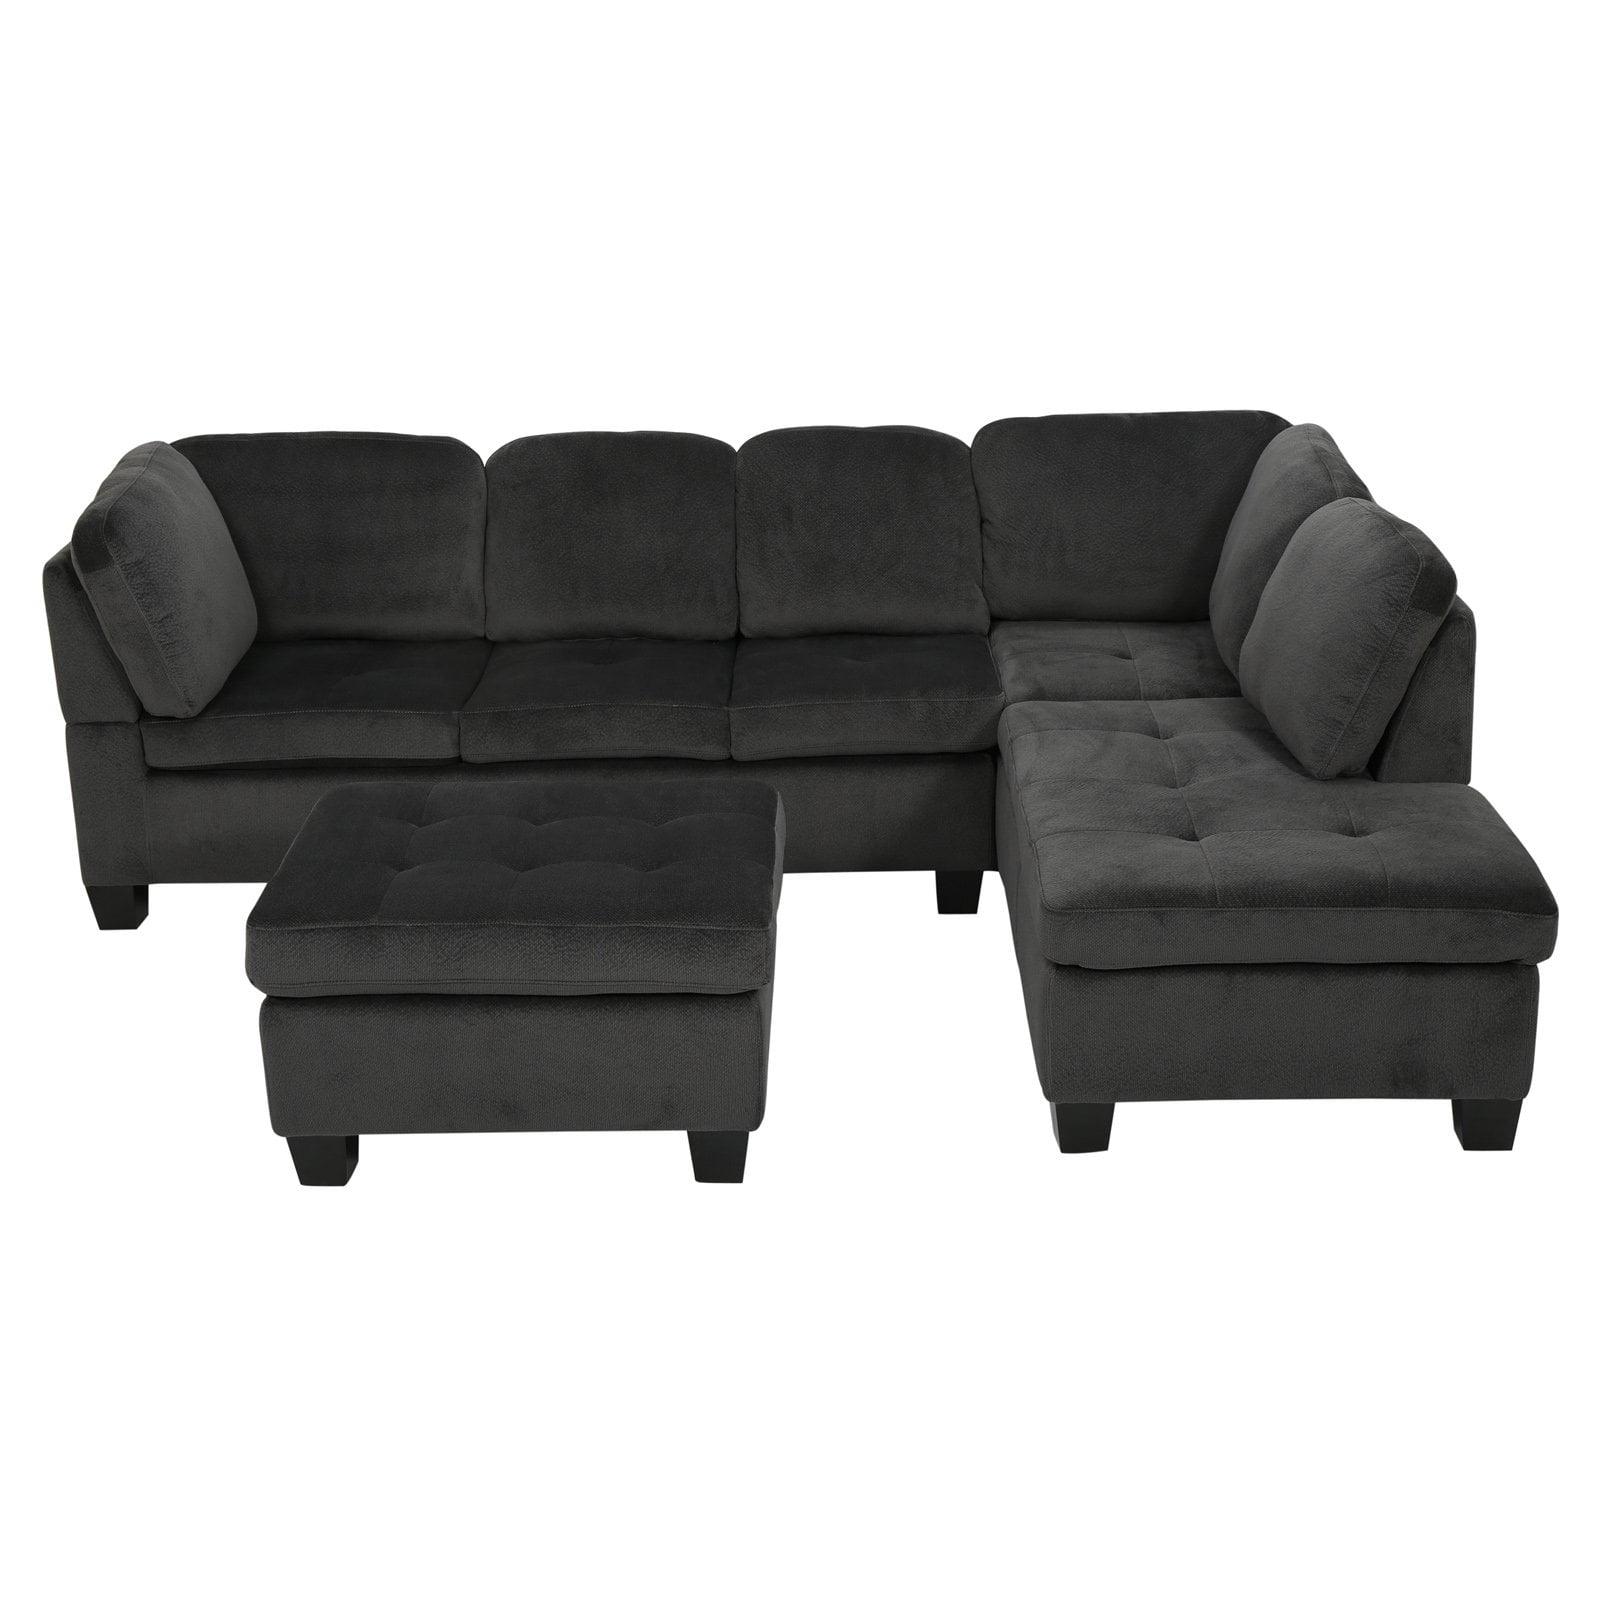 Evan 3 Piece Sectional Sofa - Walmart.com - Walmart.com